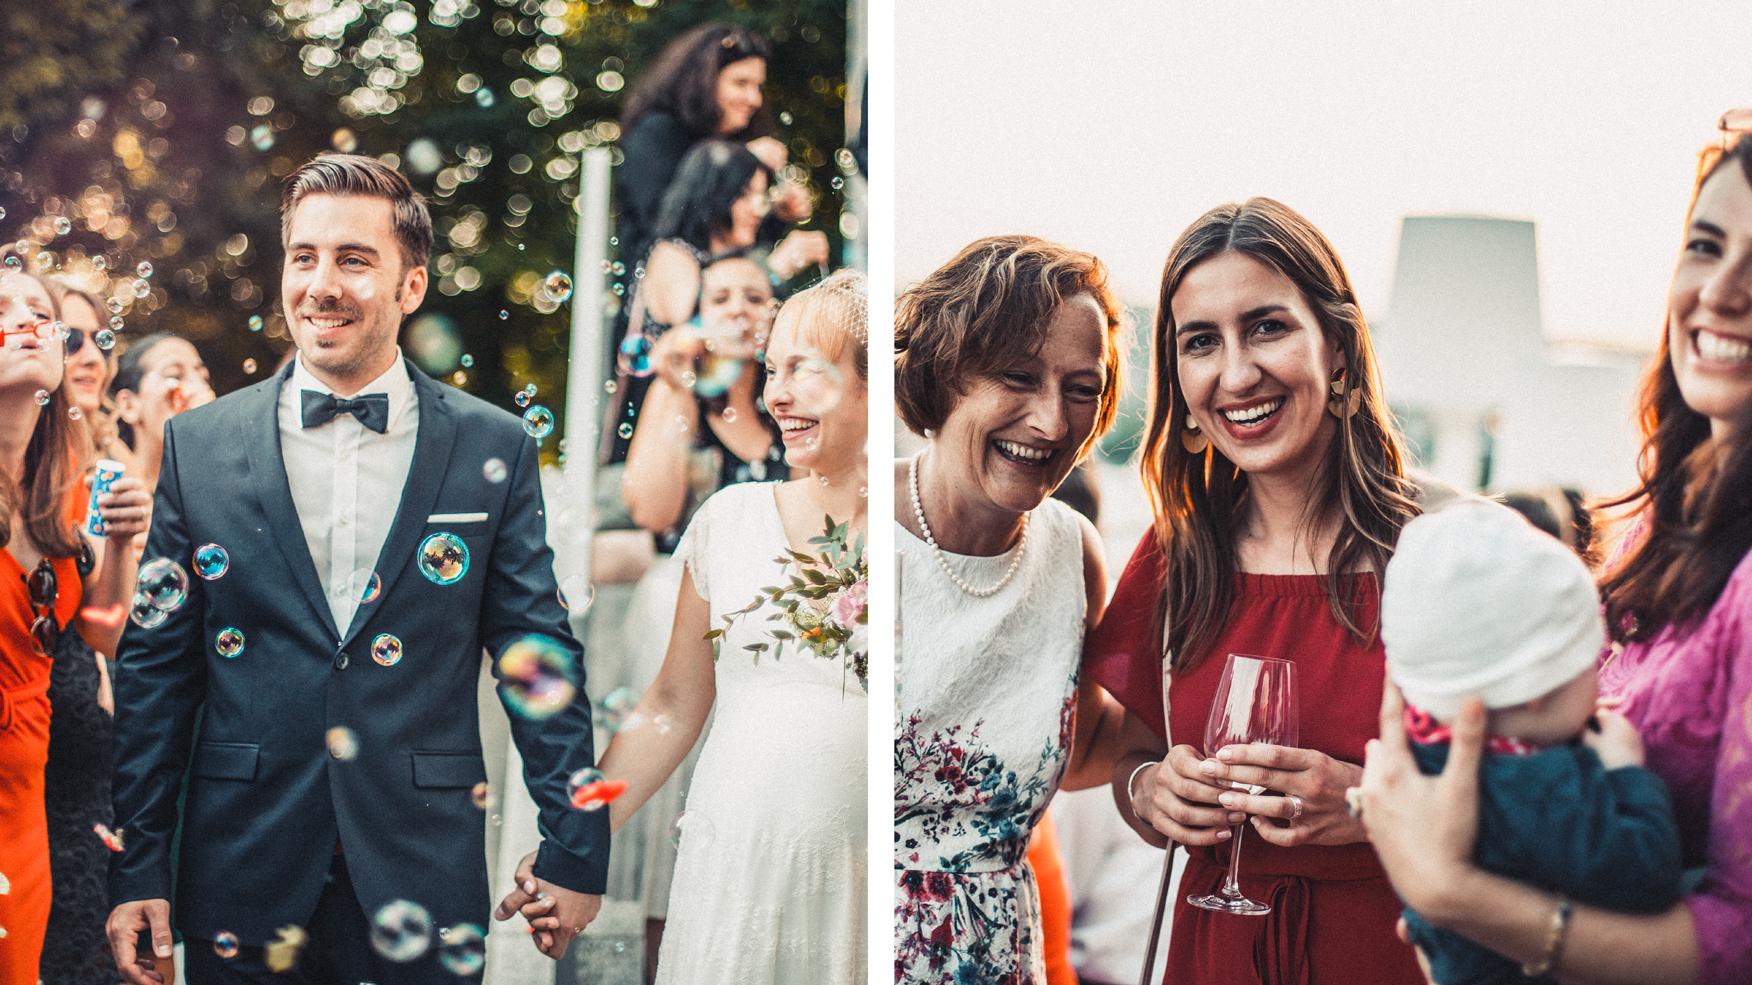 AUFREGEND - Und wie Aufregend eine Hochzeit ist!Man verspricht sich einander für immer und das sowohl in guten als auch in schlechten Zeiten.